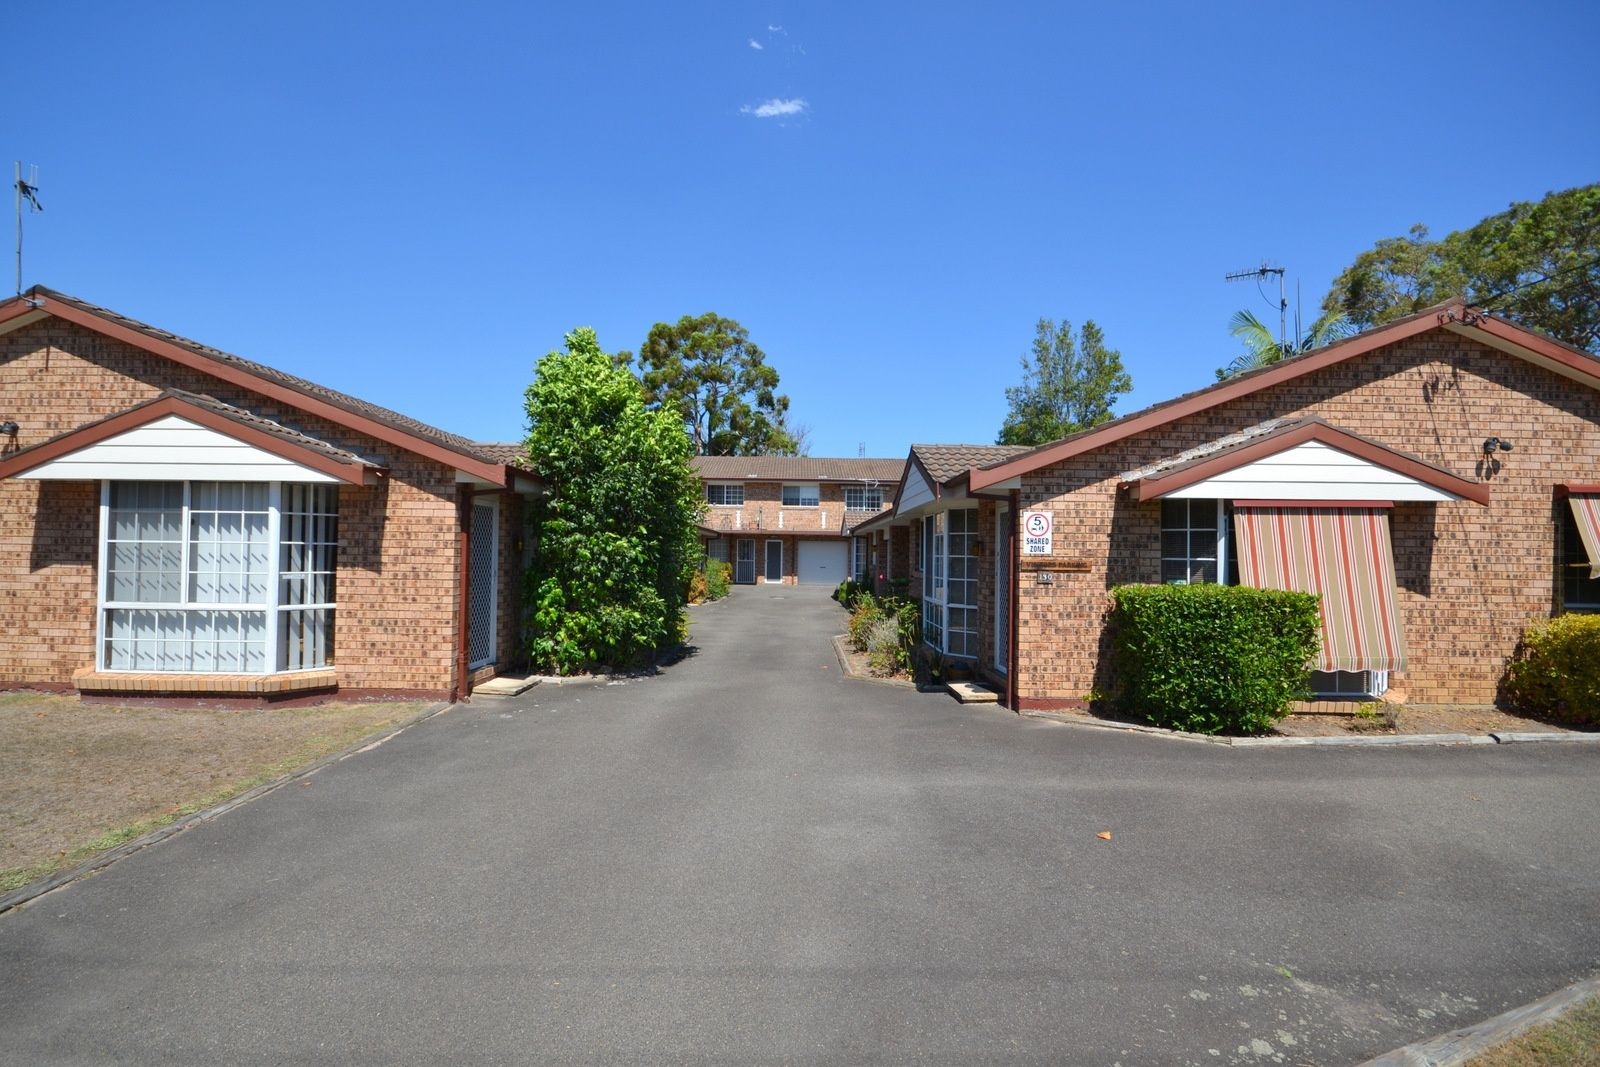 7/130 Railway Street, Woy Woy NSW 2256, Image 0